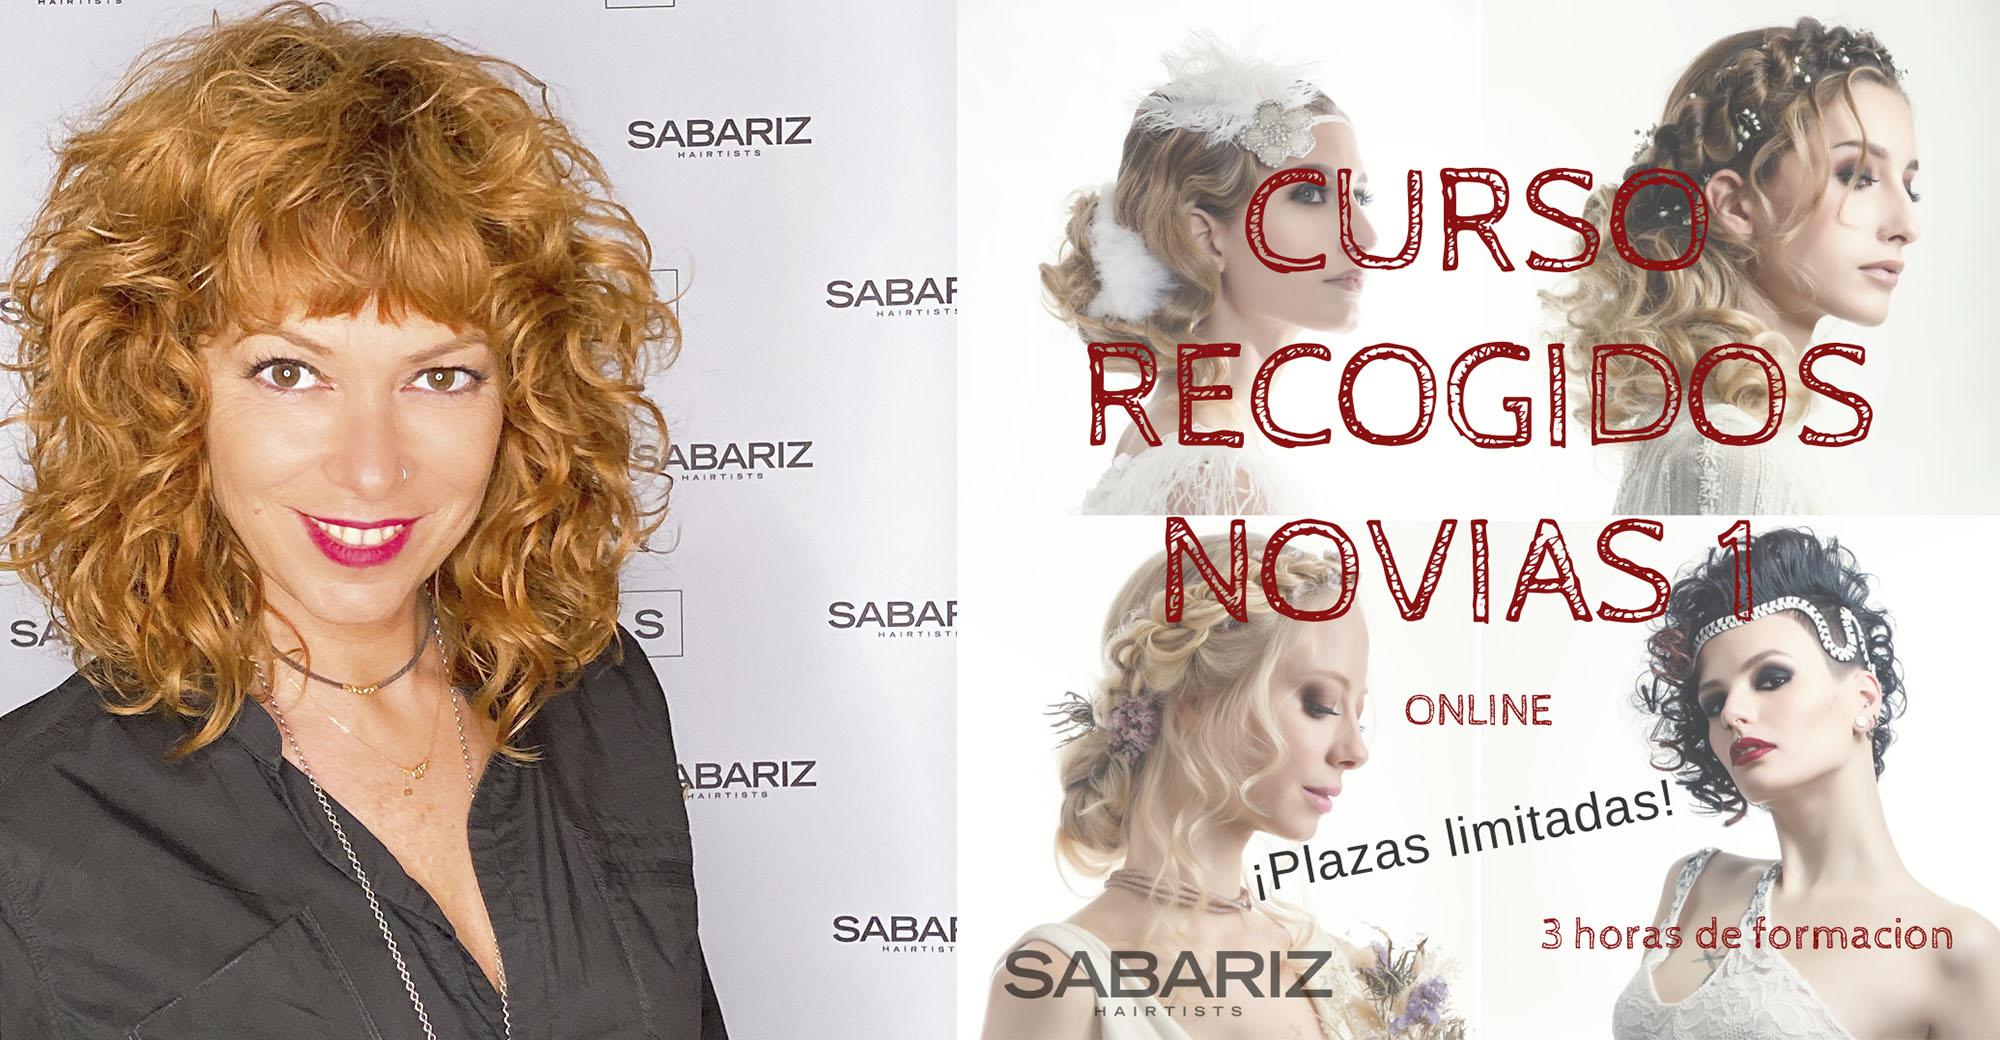 Luciana-7y8 de feb-2020